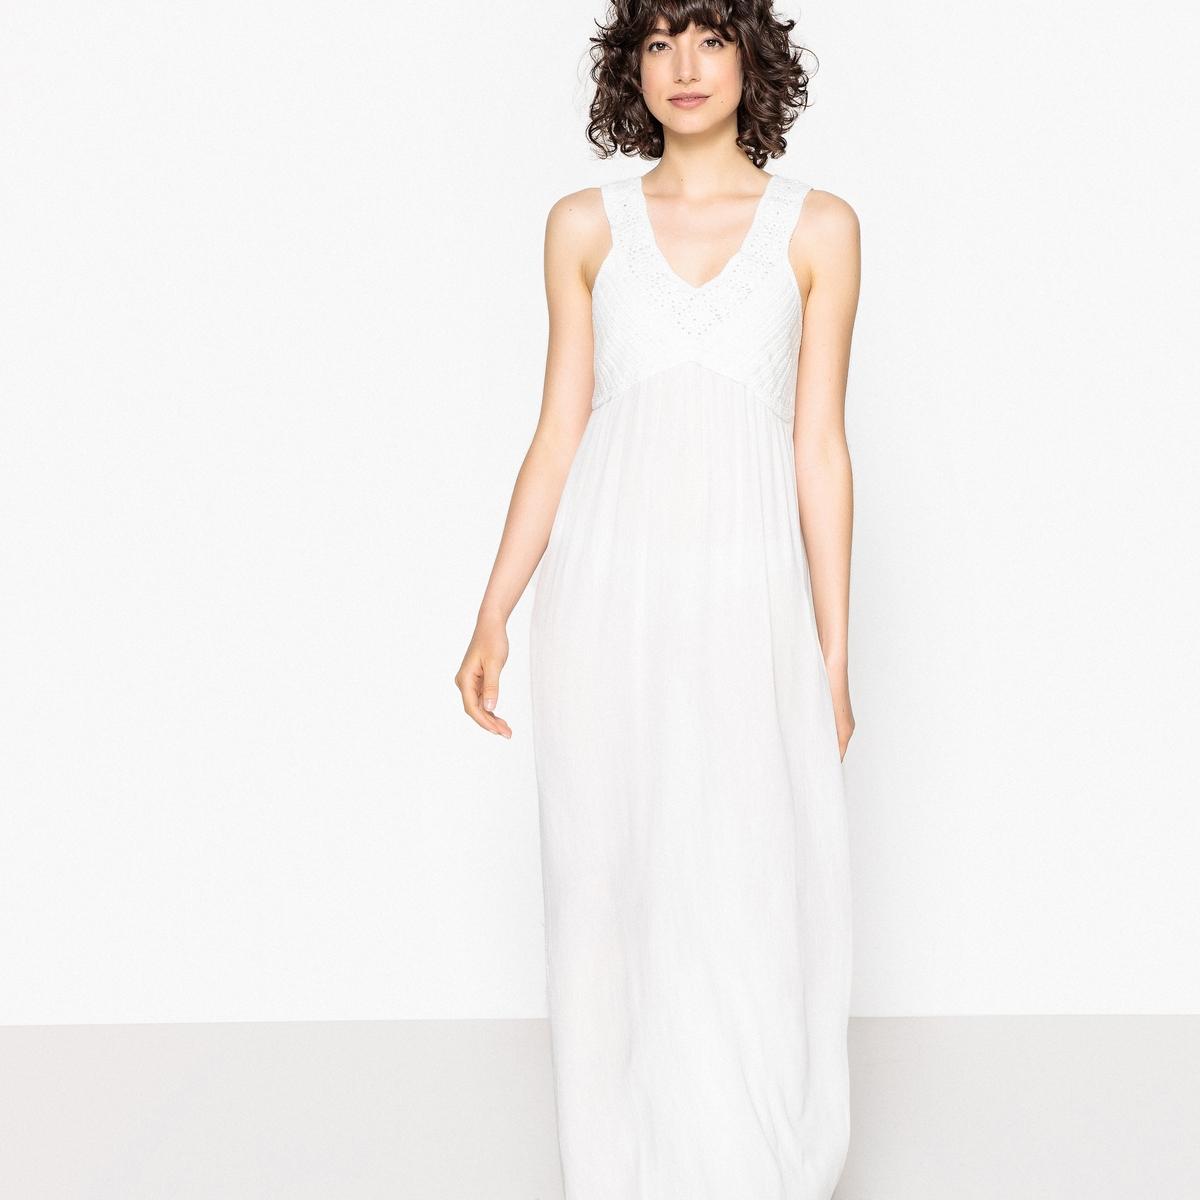 Платье длинное, верх связан крючком, сборки сзади